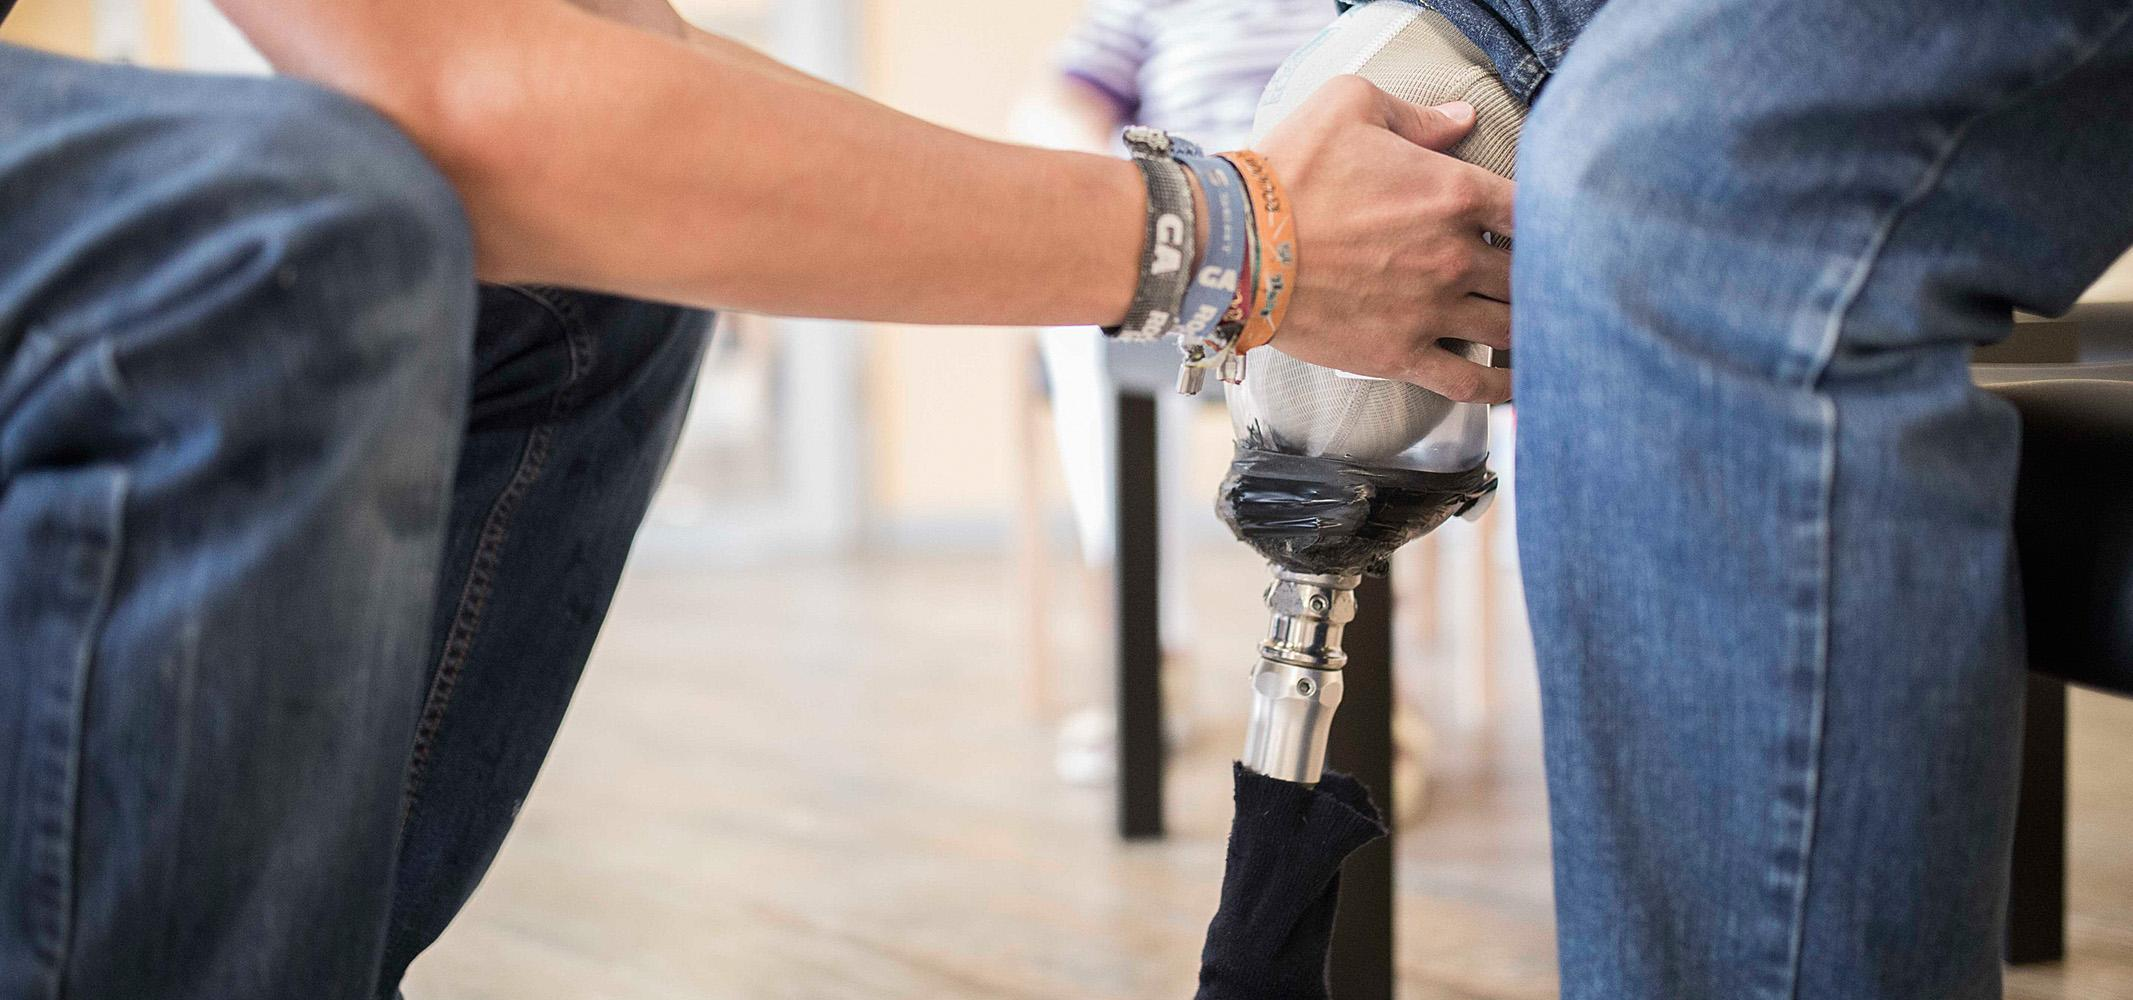 APT Prothesen anpassen nach Maß